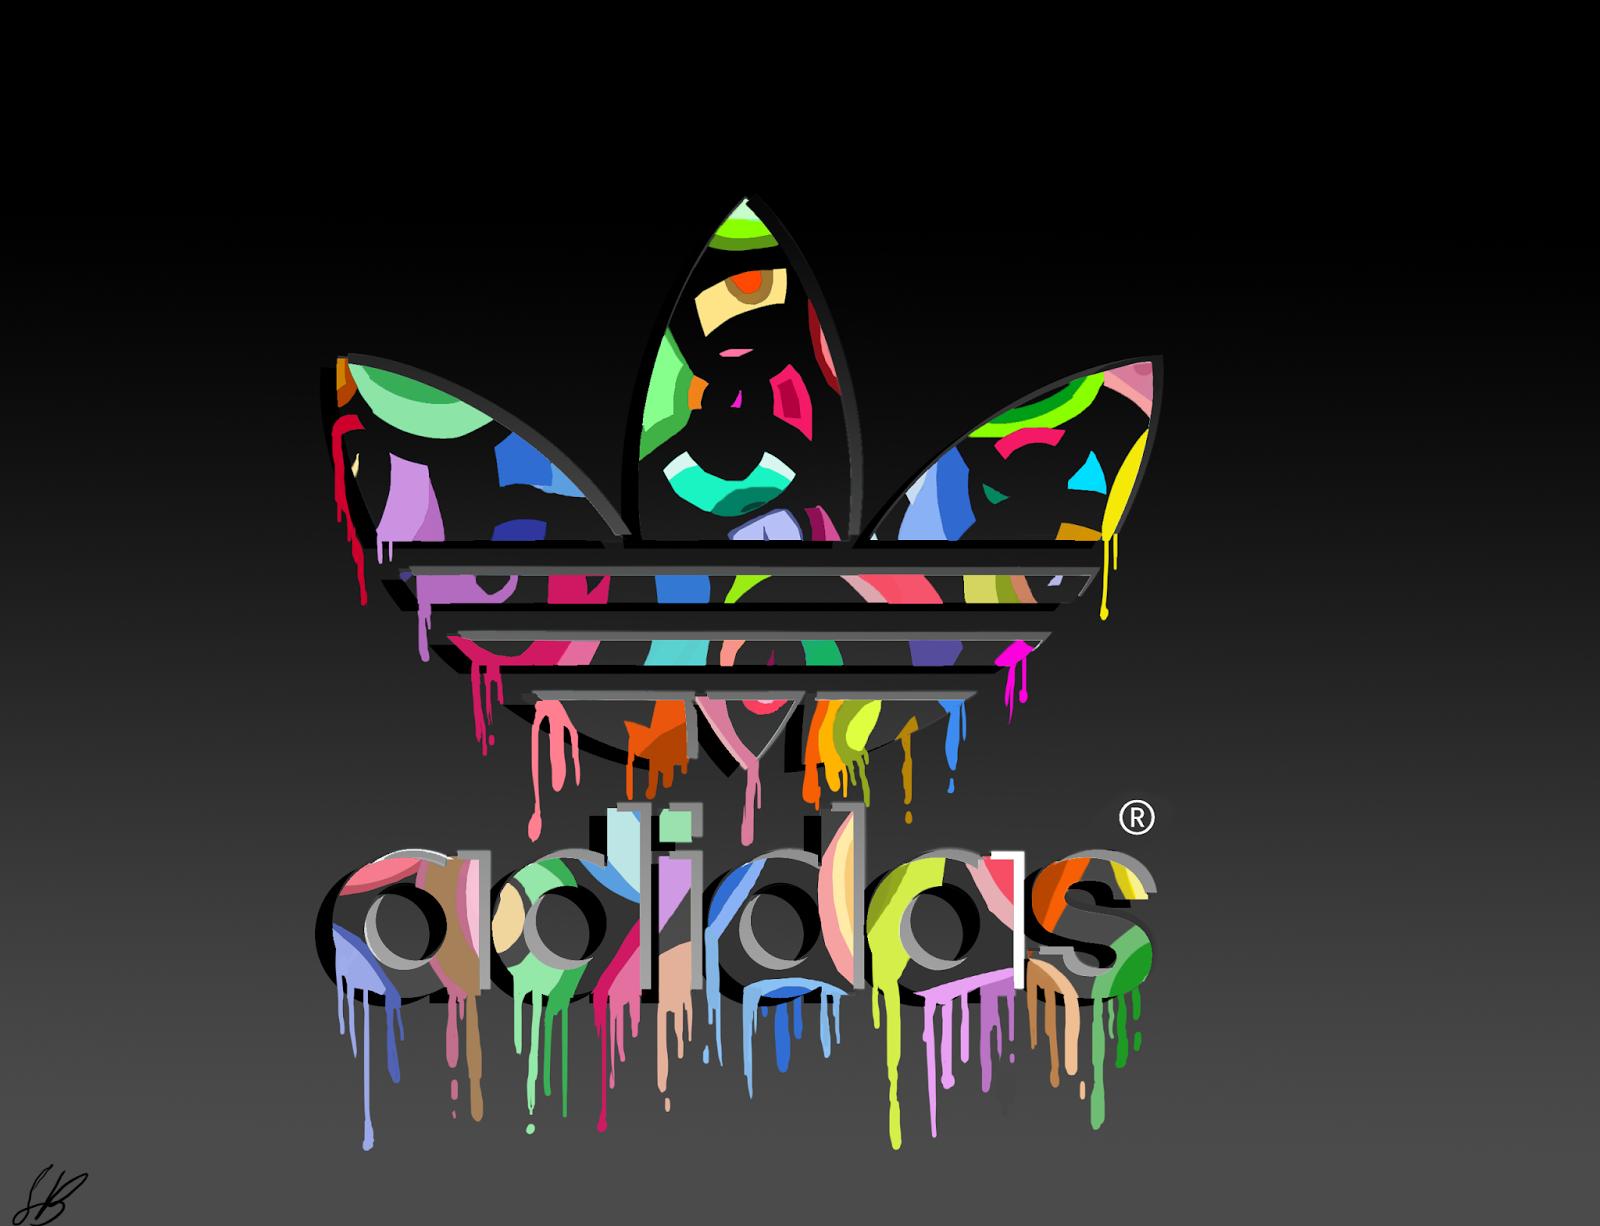 Adidas Logo Abstract Coloring Logo Designs Wallpaper Hd Phone RiQDtmaG 1600x1226